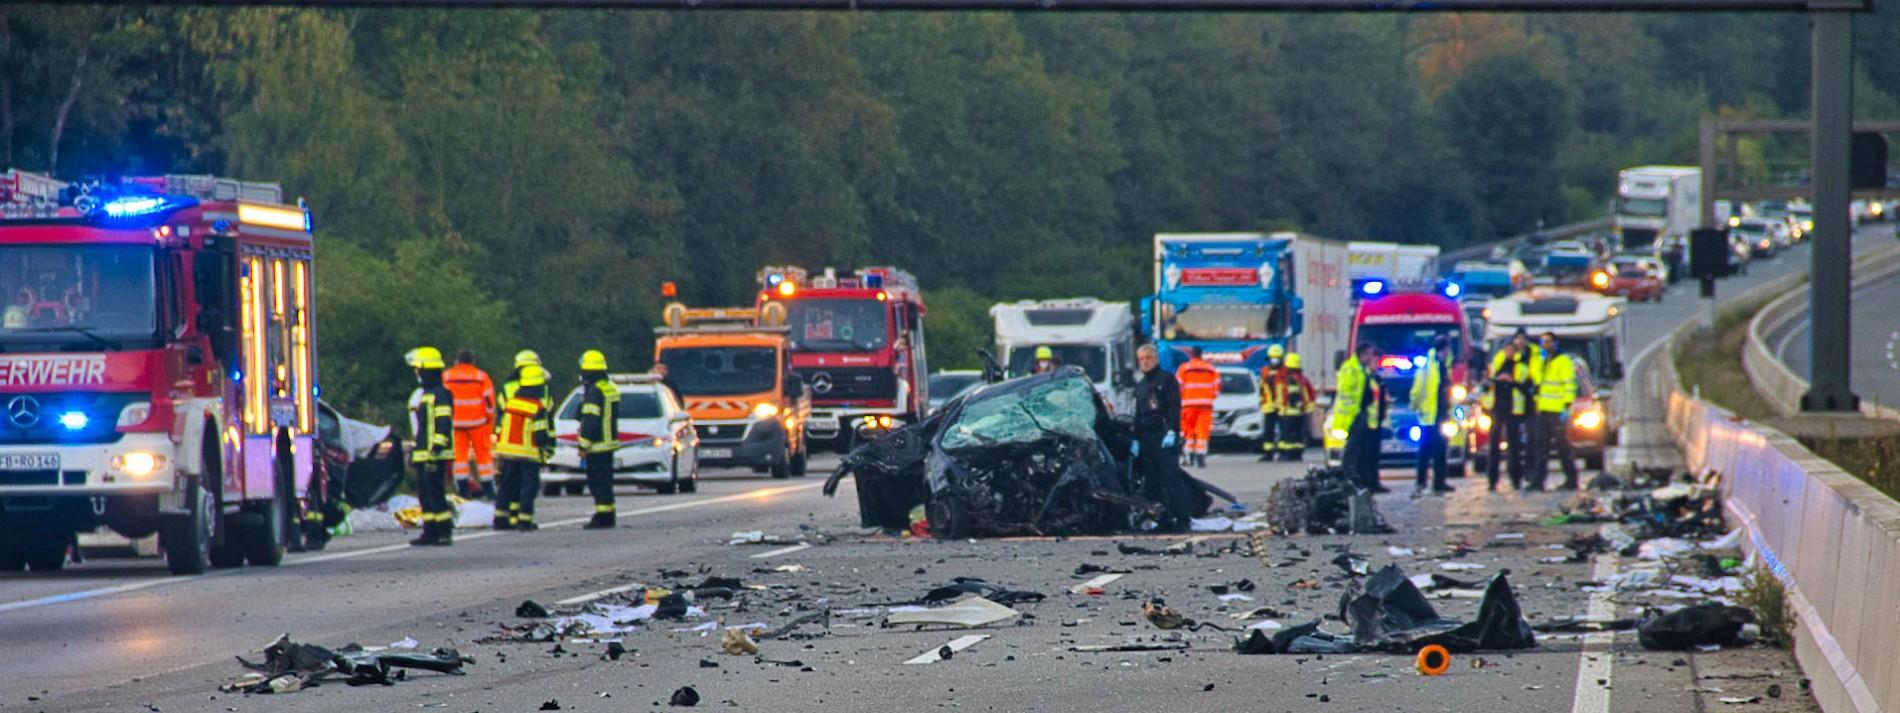 Falschfahrer verursachte Unfall auf A5